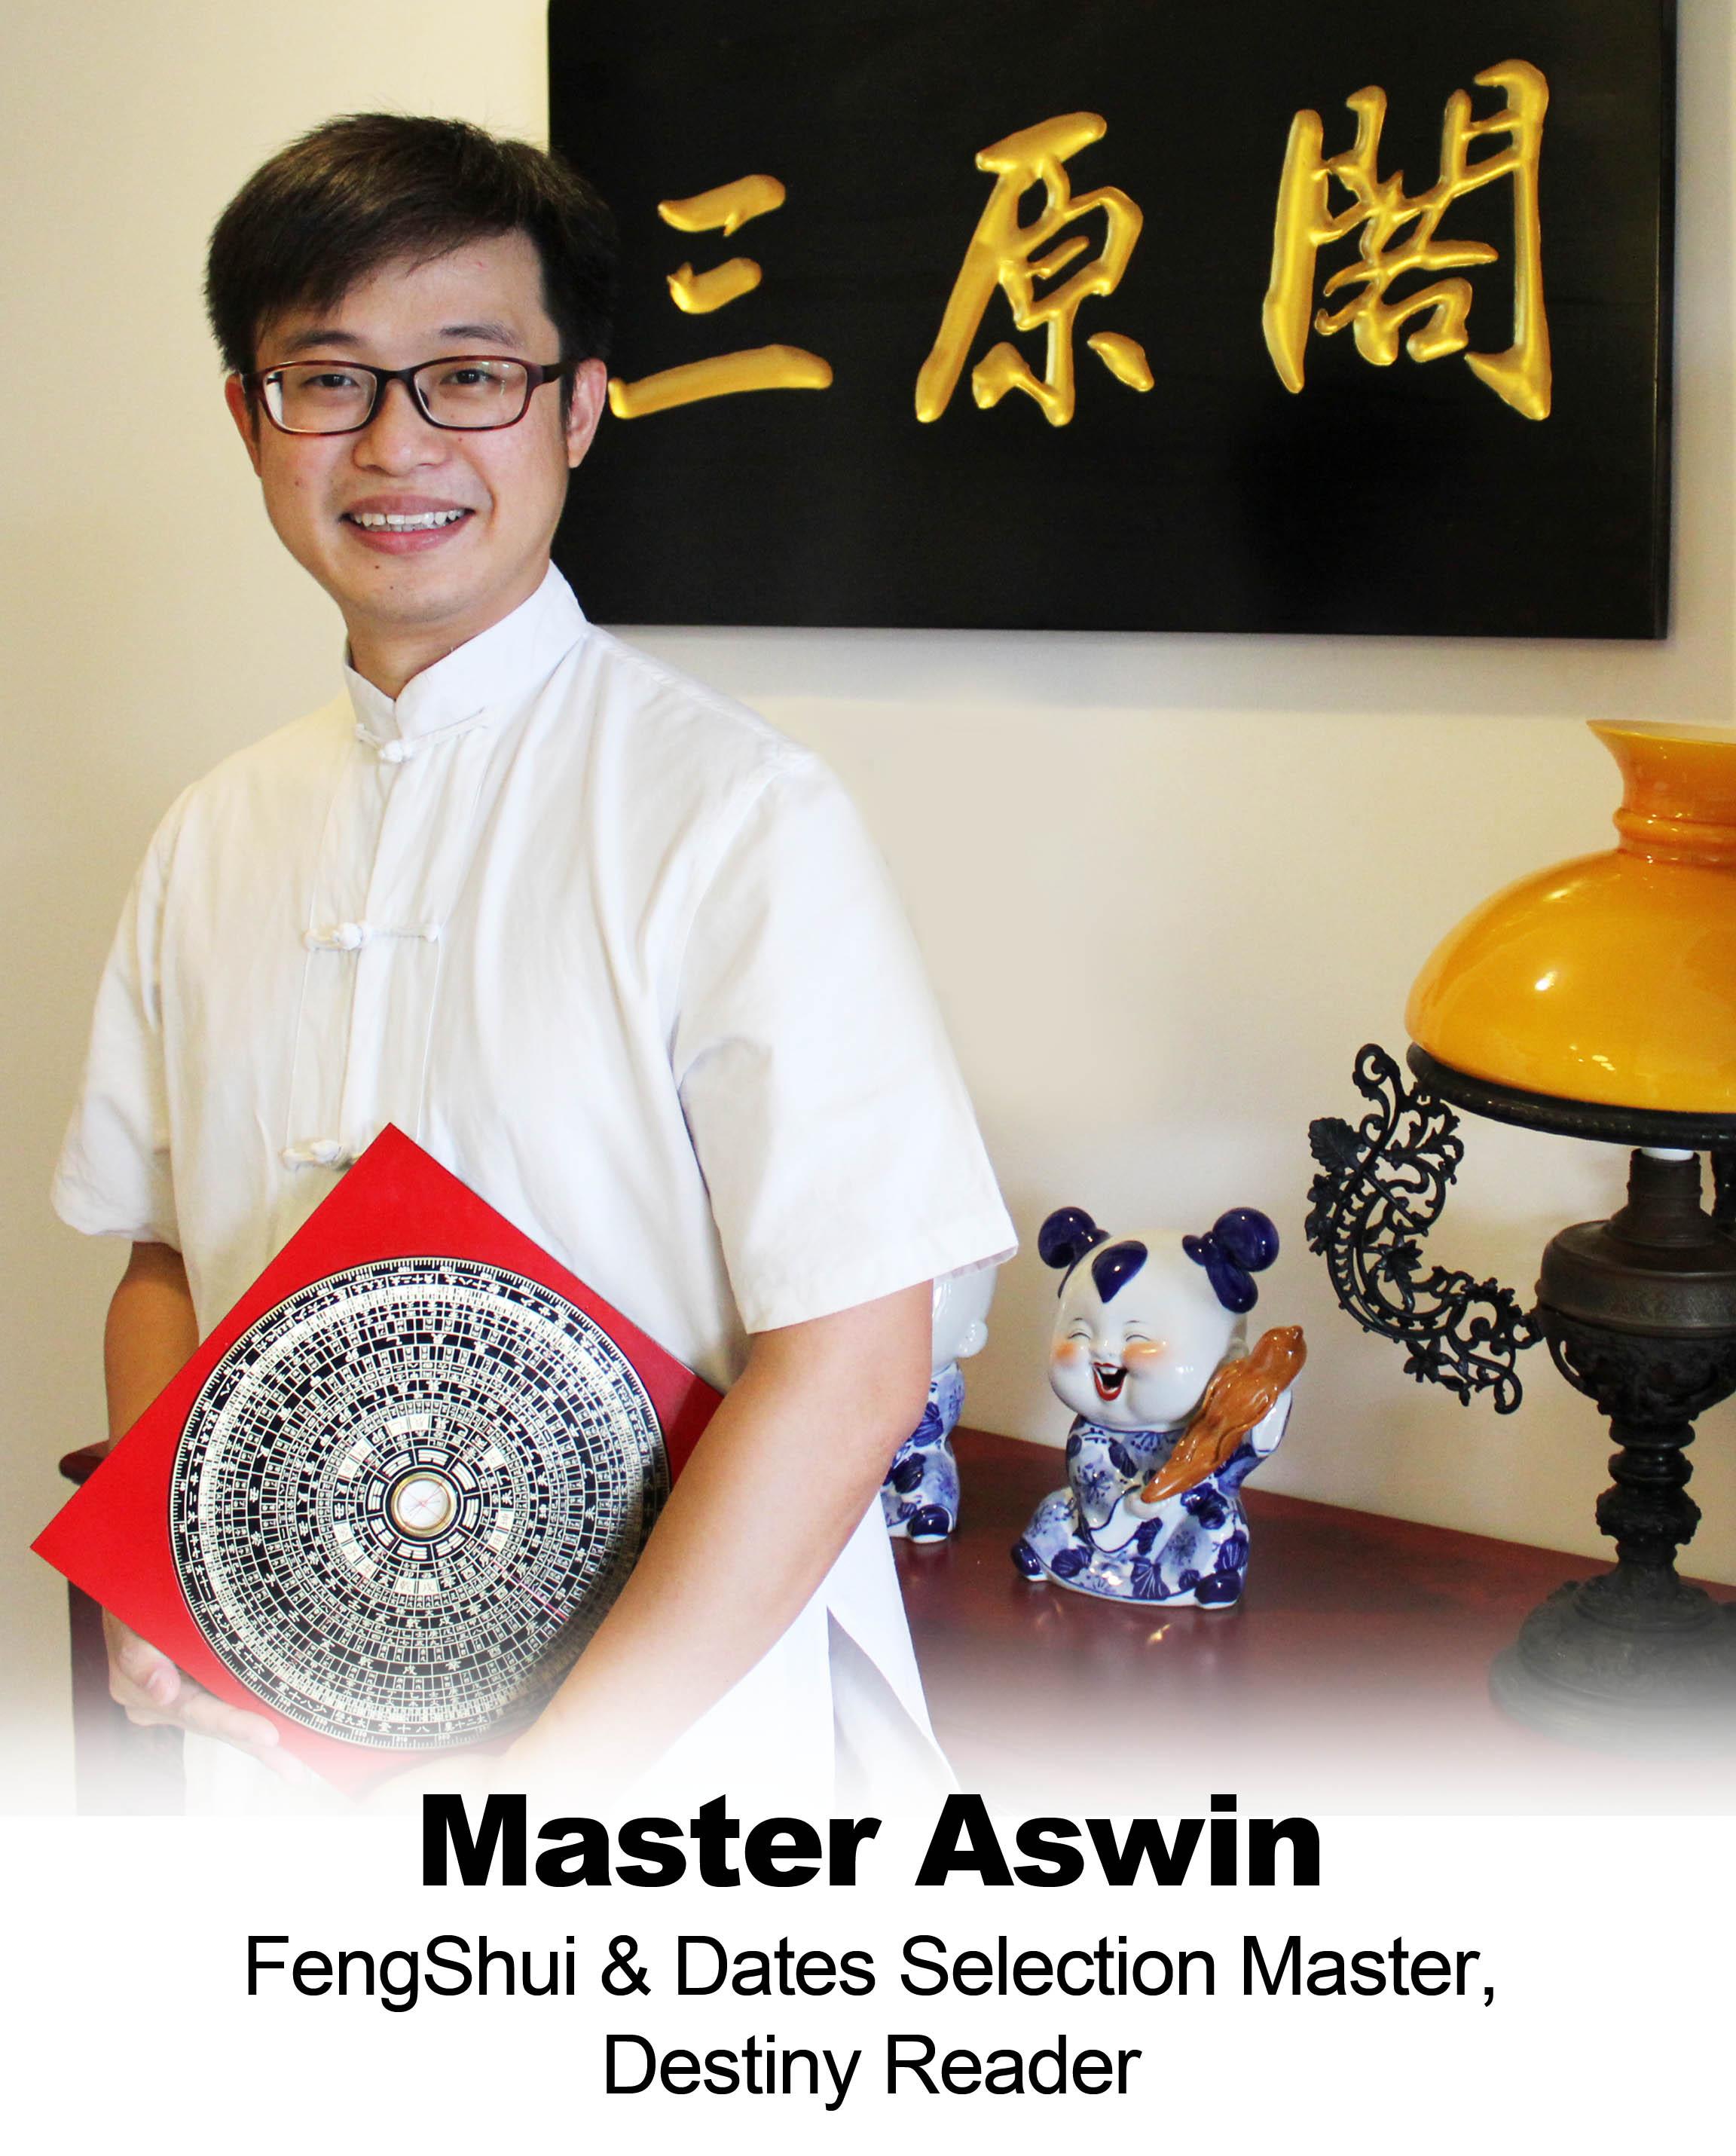 feng shui master aswin